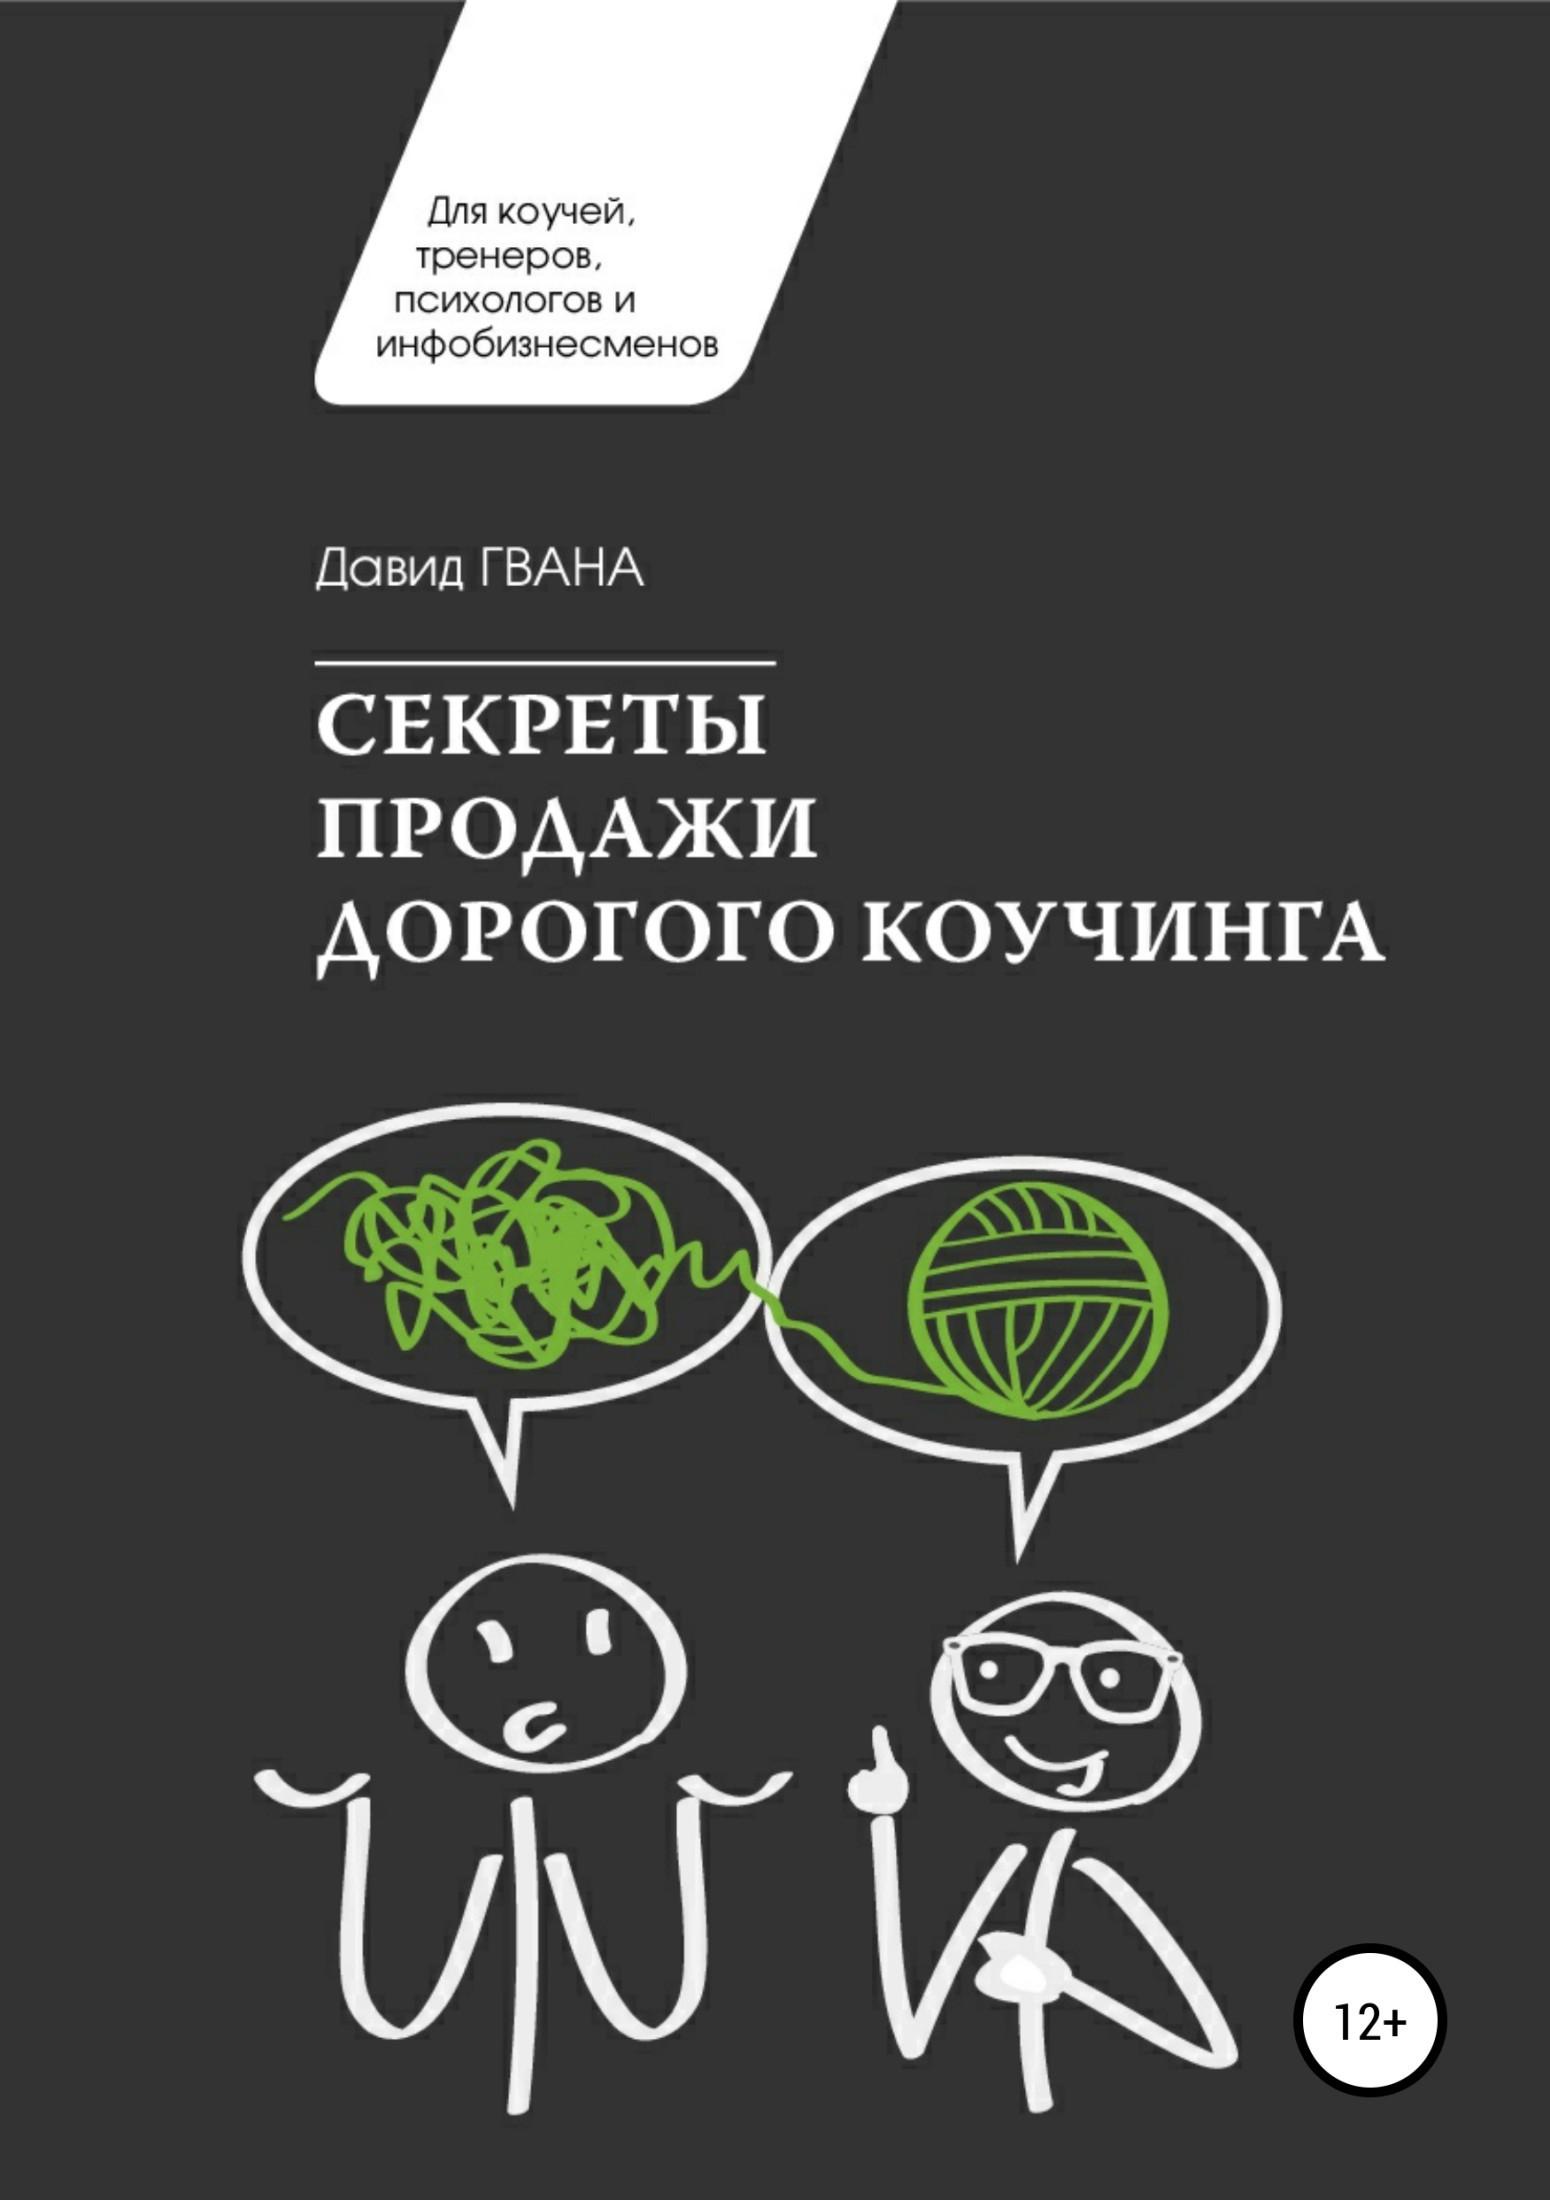 Обложка книги. Автор - Давид Гвенцадзе